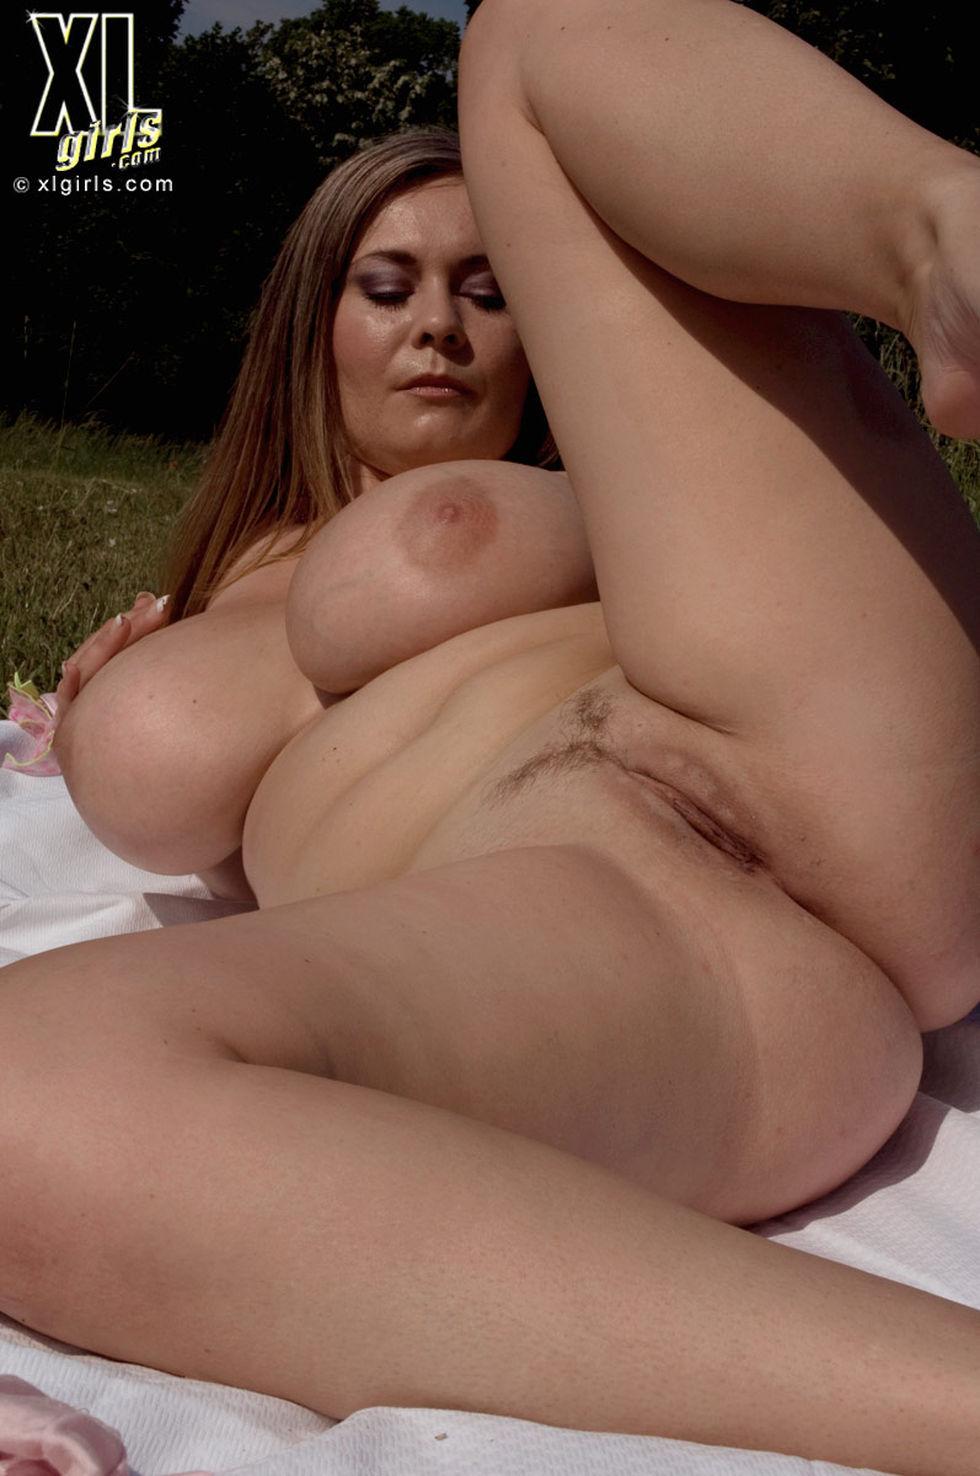 Пышная девушка порно бесплатно 8 фотография